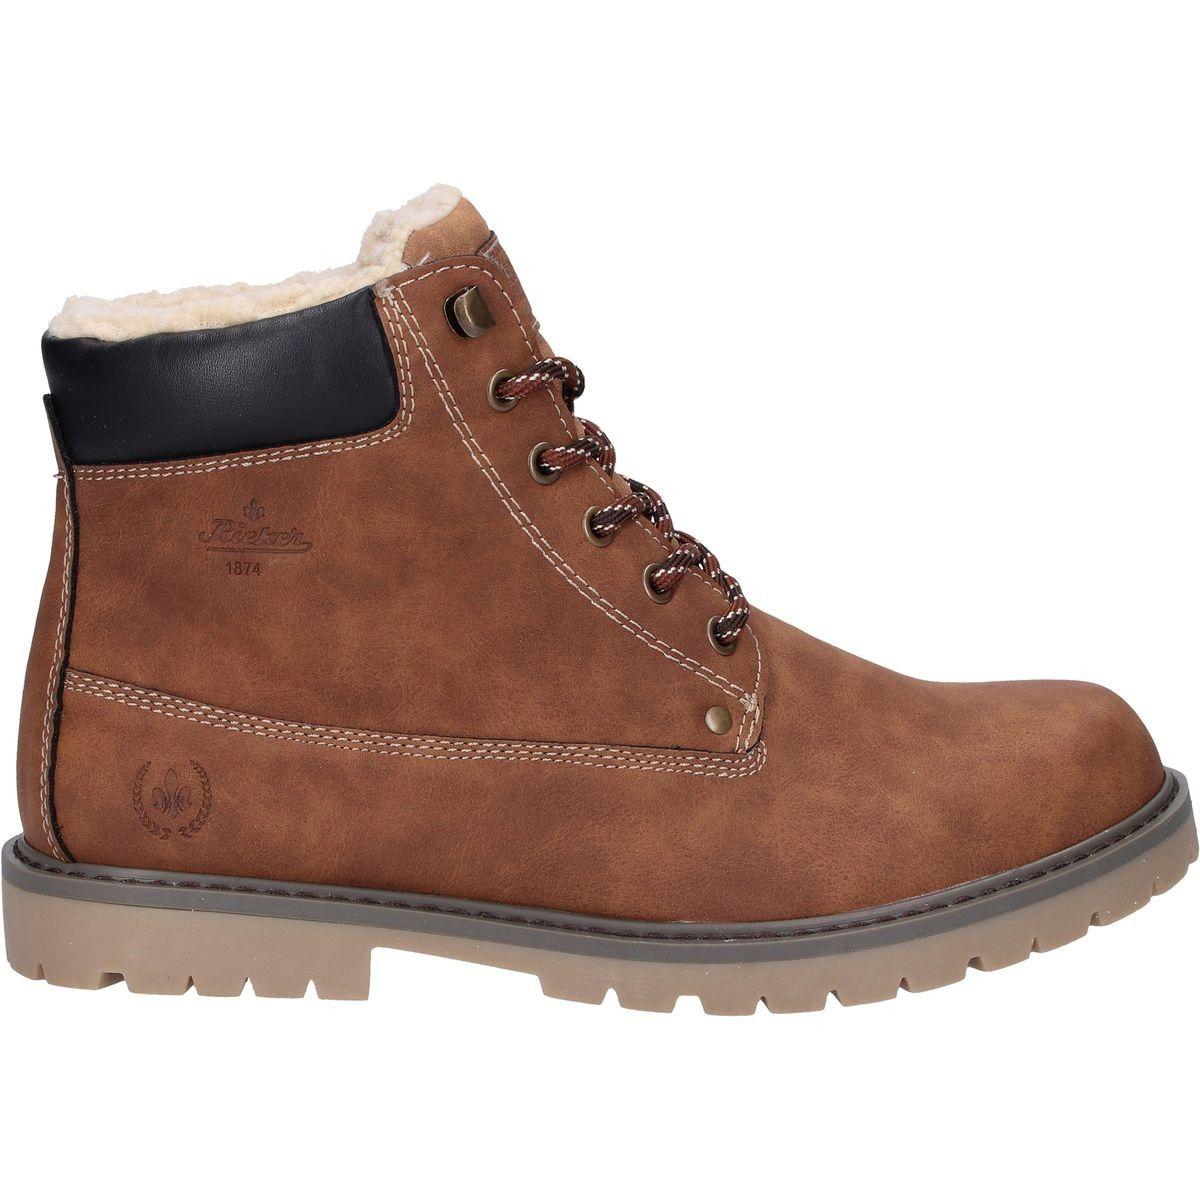 chaussure imitation timberland